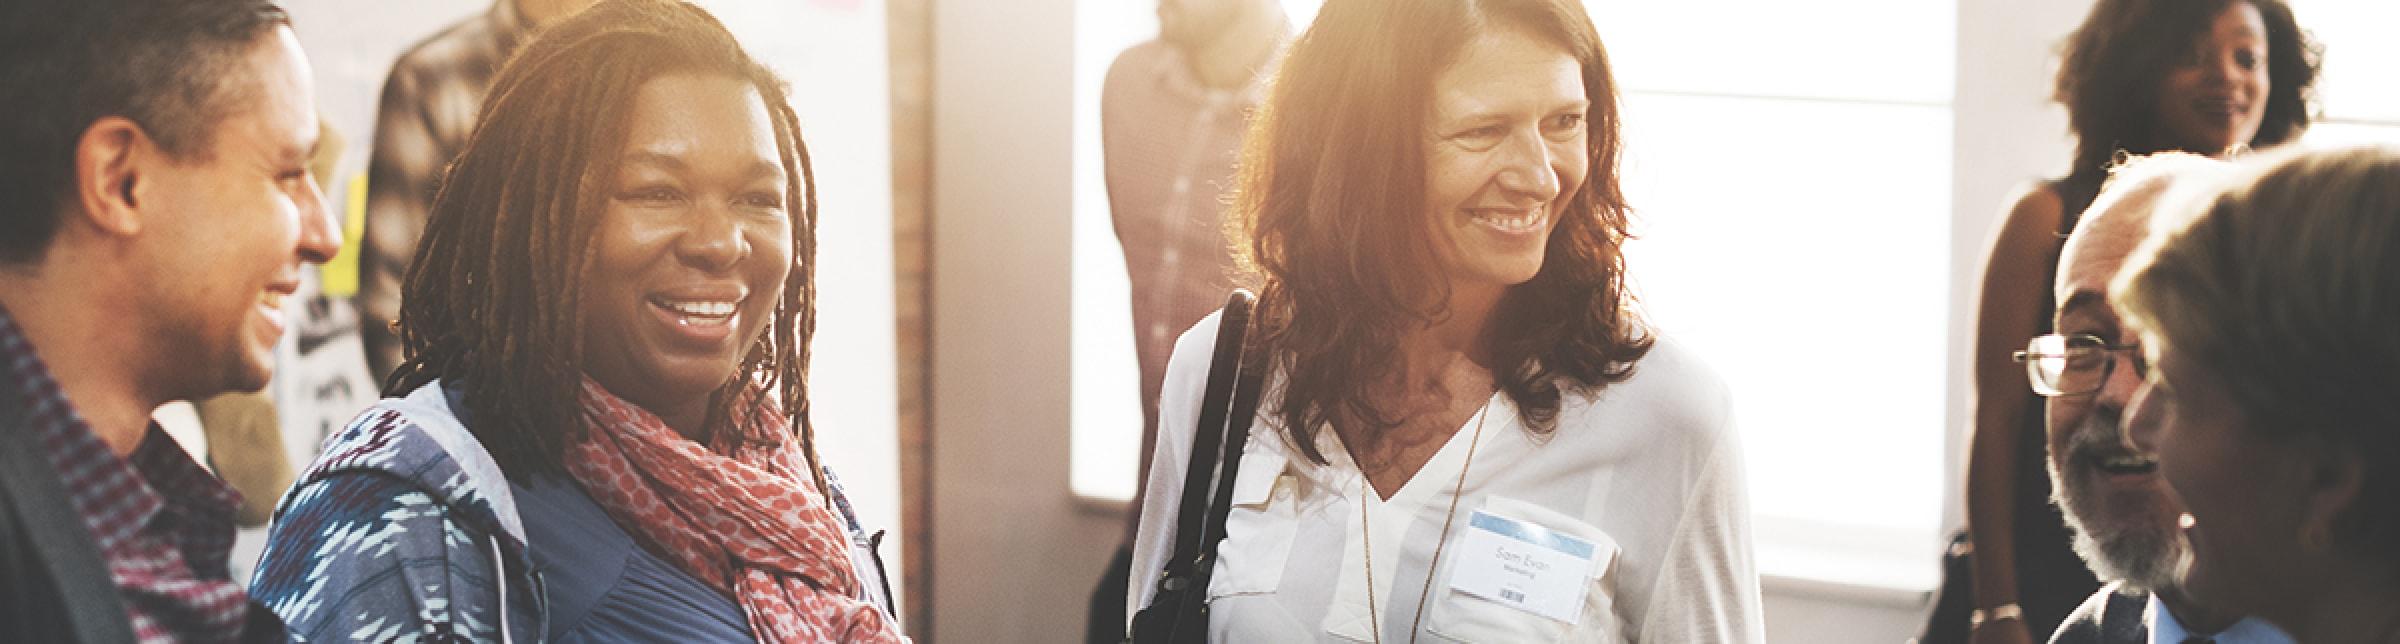 Immagine raffigurante in primo piano 2 donne sorridenti che dialogano con altre persone